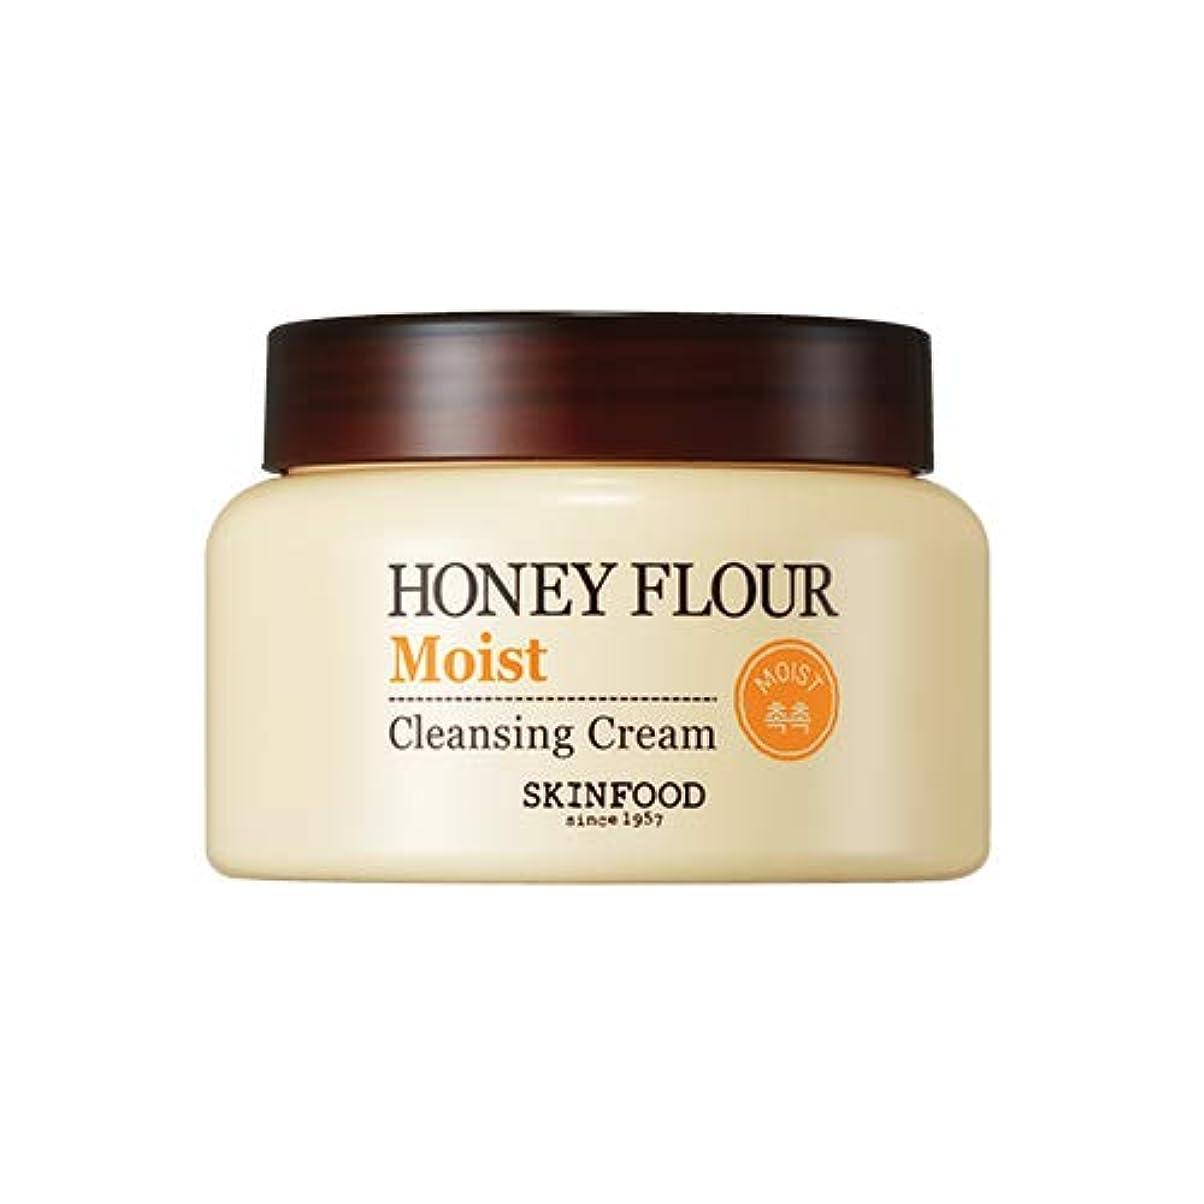 ビート明快エジプト人Skinfood/Honey Flour Moist Cleansing Cream/ハニーフラワーモイストクレンジングクリーム/225ml [並行輸入品]